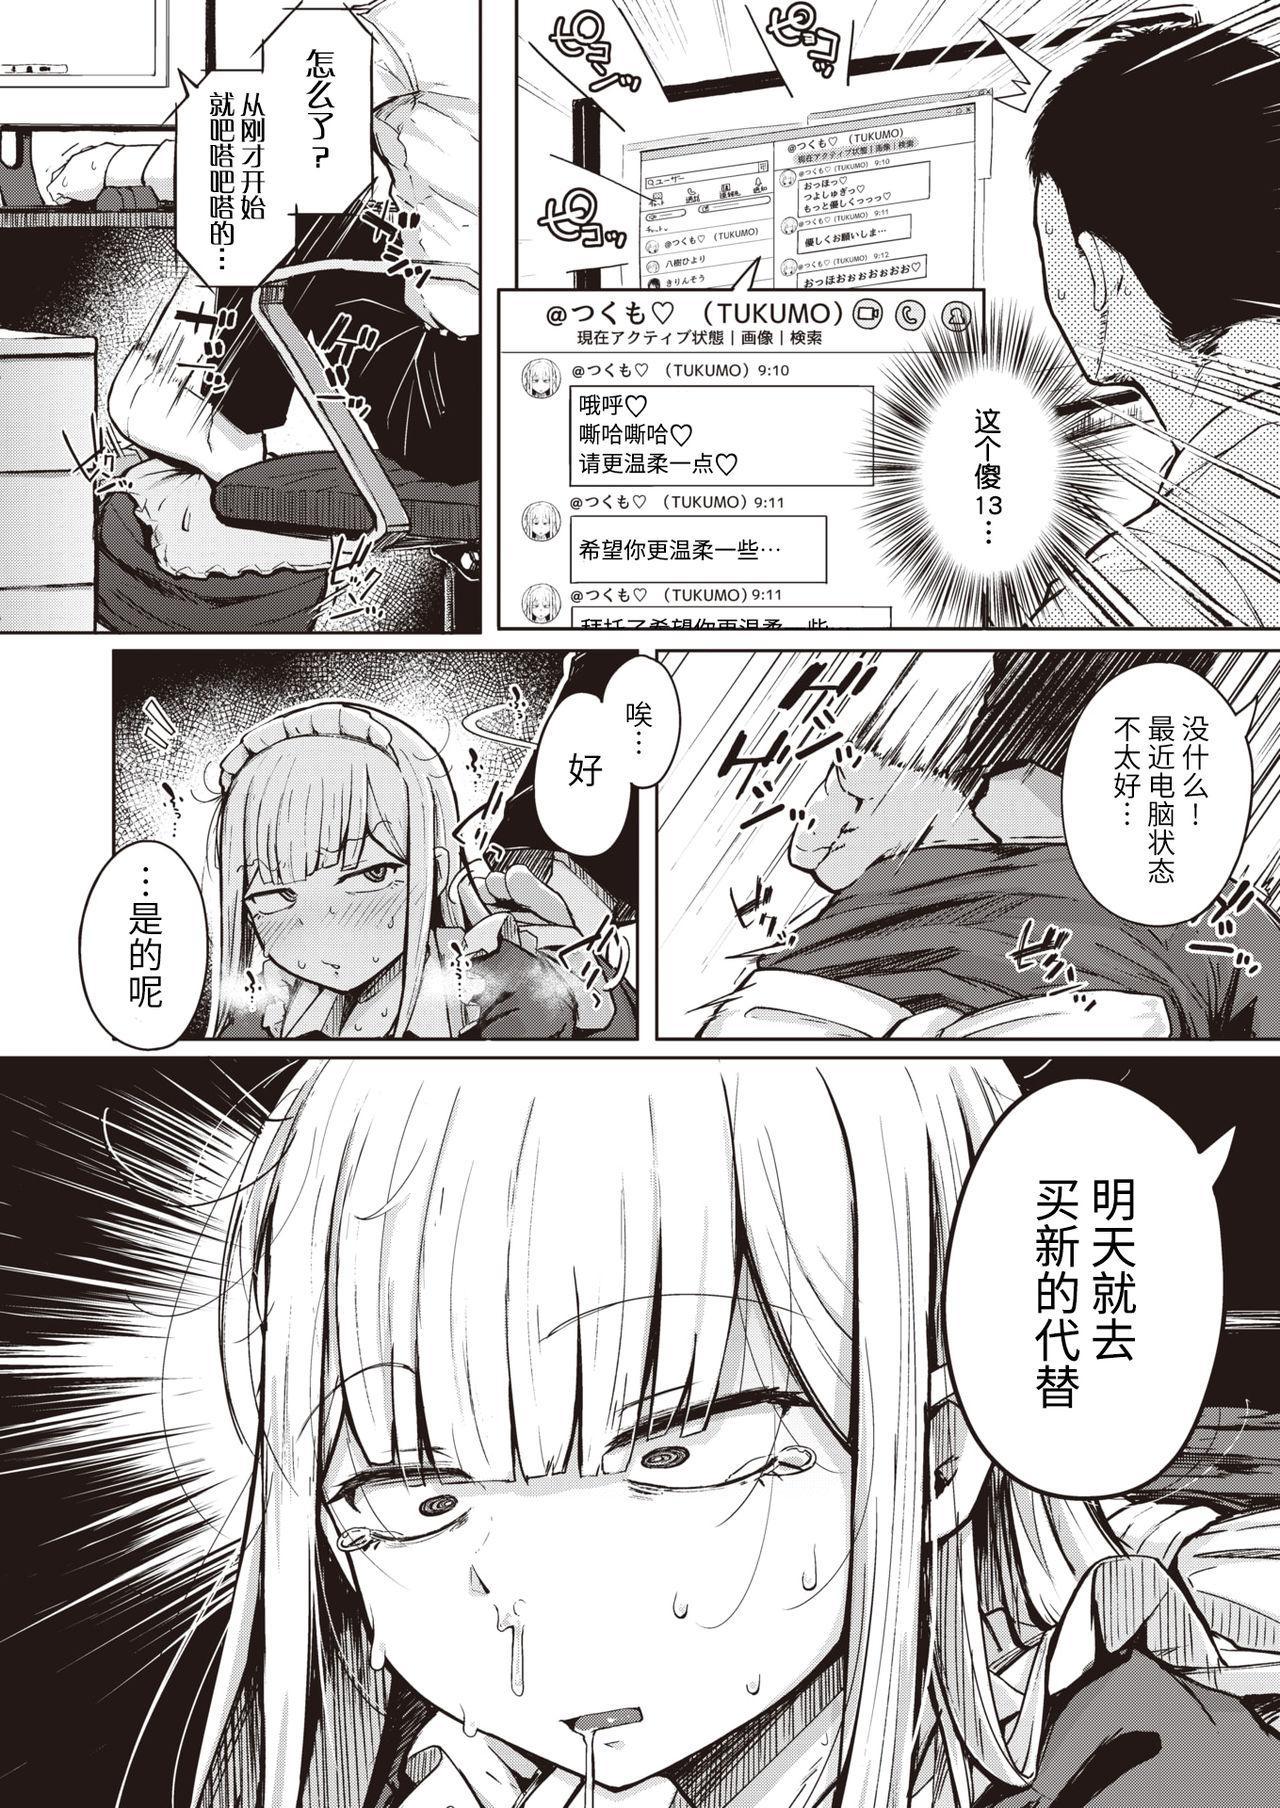 Tsukumogami - The more useful the more Ecchi!!! 7